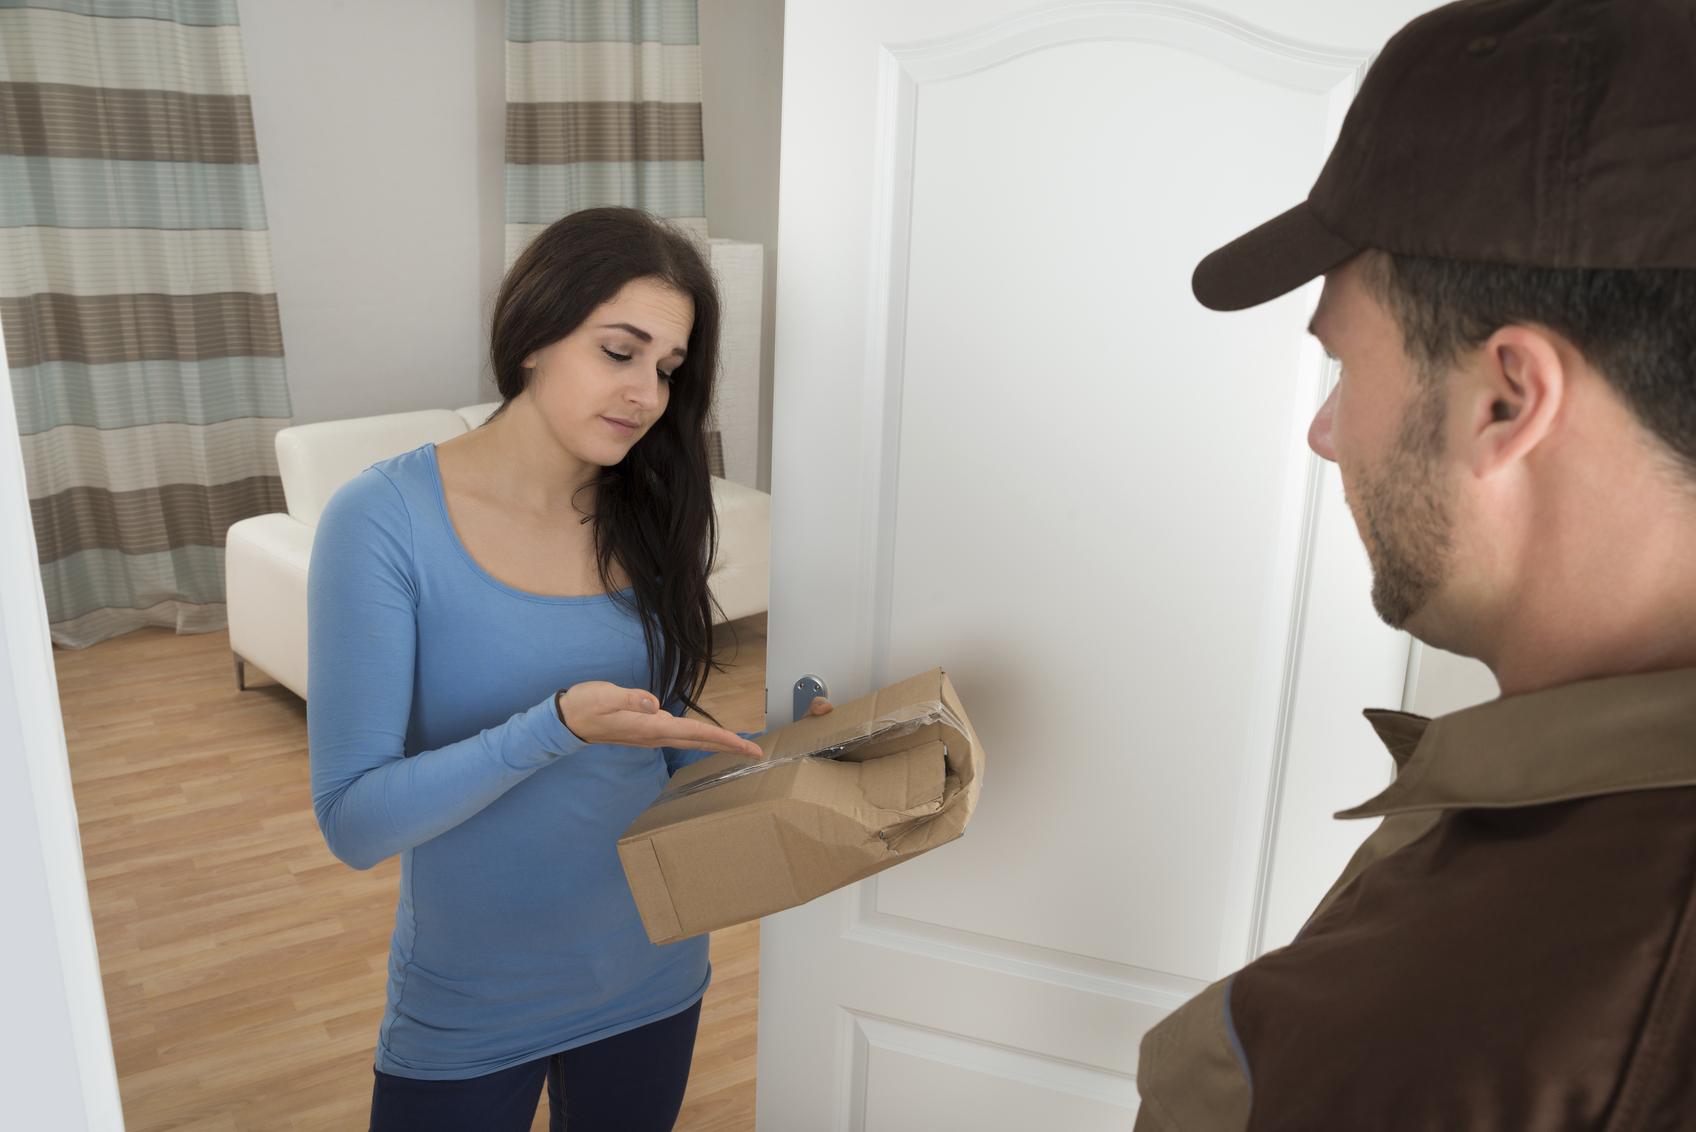 Varor saknades vid leverans - PostNord lade ner anmälan